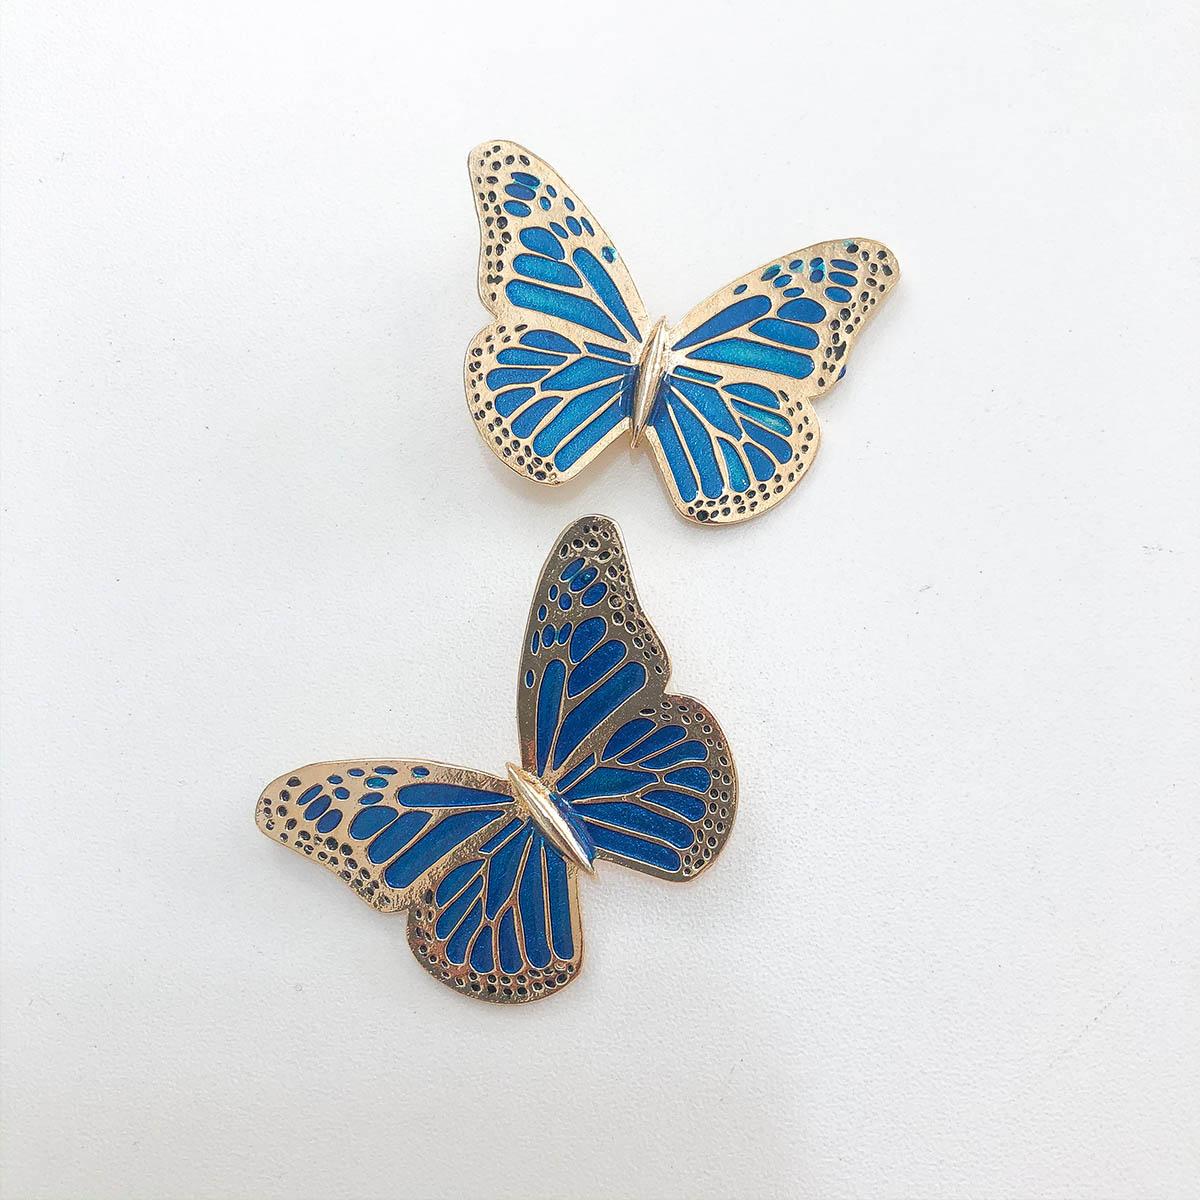 Brinco Bijuteria Borboleta Detalhes Dourados com Fundo Azul